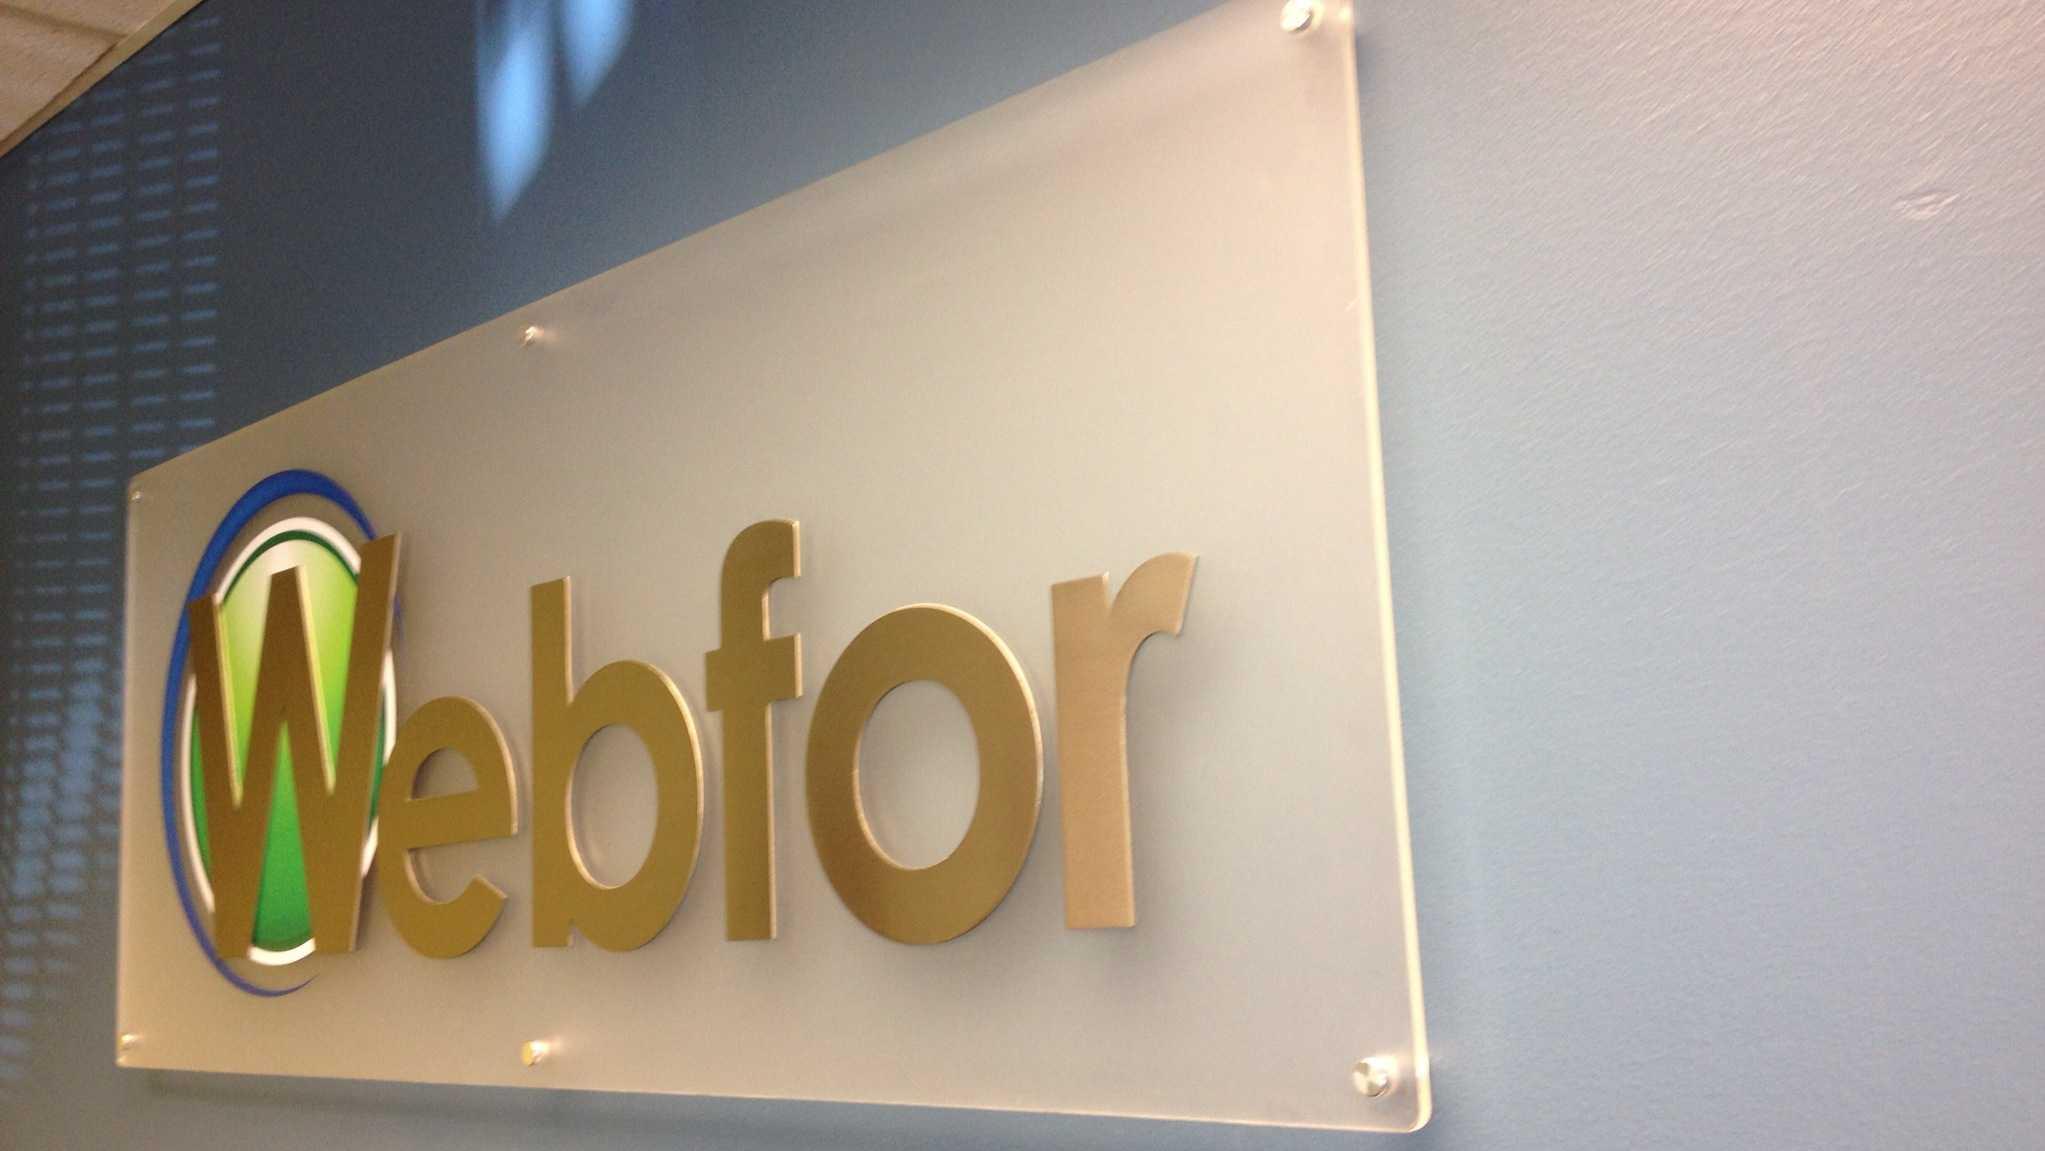 webfor-acrylic-lobby